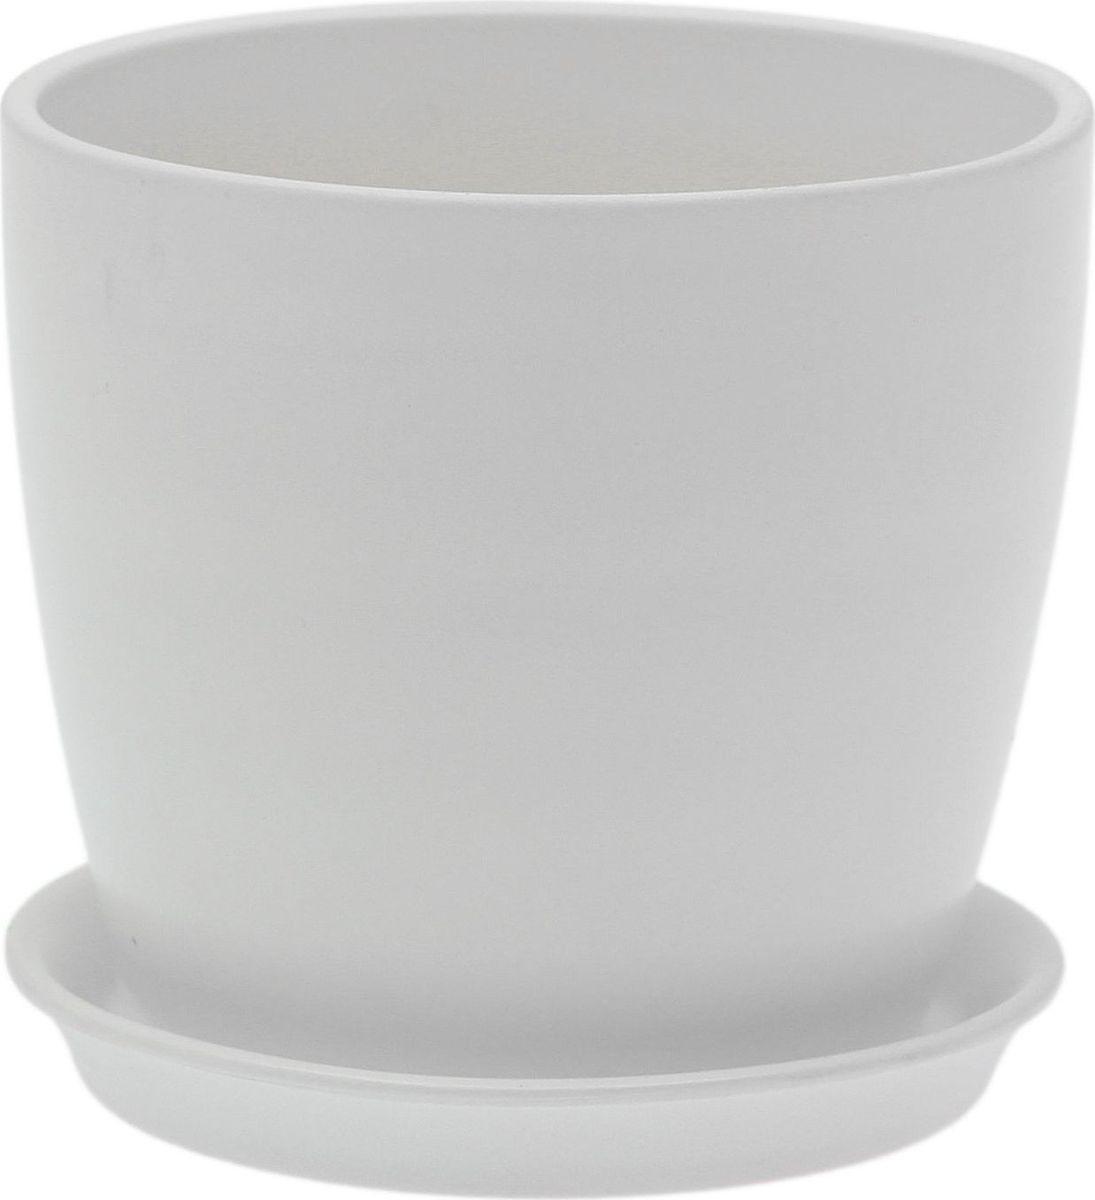 Кашпо Керамика ручной работы Осень. Лак, цвет: белый, 3 л1968858Комнатные растения — всеобщие любимцы. Они радуют глаз, насыщают помещение кислородом и украшают пространство. Каждому из них необходим свой удобный и красивый дом. Кашпо из керамики прекрасно подходят для высадки растений: за счёт пластичности глины и разных способов обработки существует великое множество форм и дизайновпористый материал позволяет испаряться лишней влагевоздух, необходимый для дыхания корней, проникает сквозь керамические стенки! #name# позаботится о зелёном питомце, освежит интерьер и подчеркнёт его стиль.